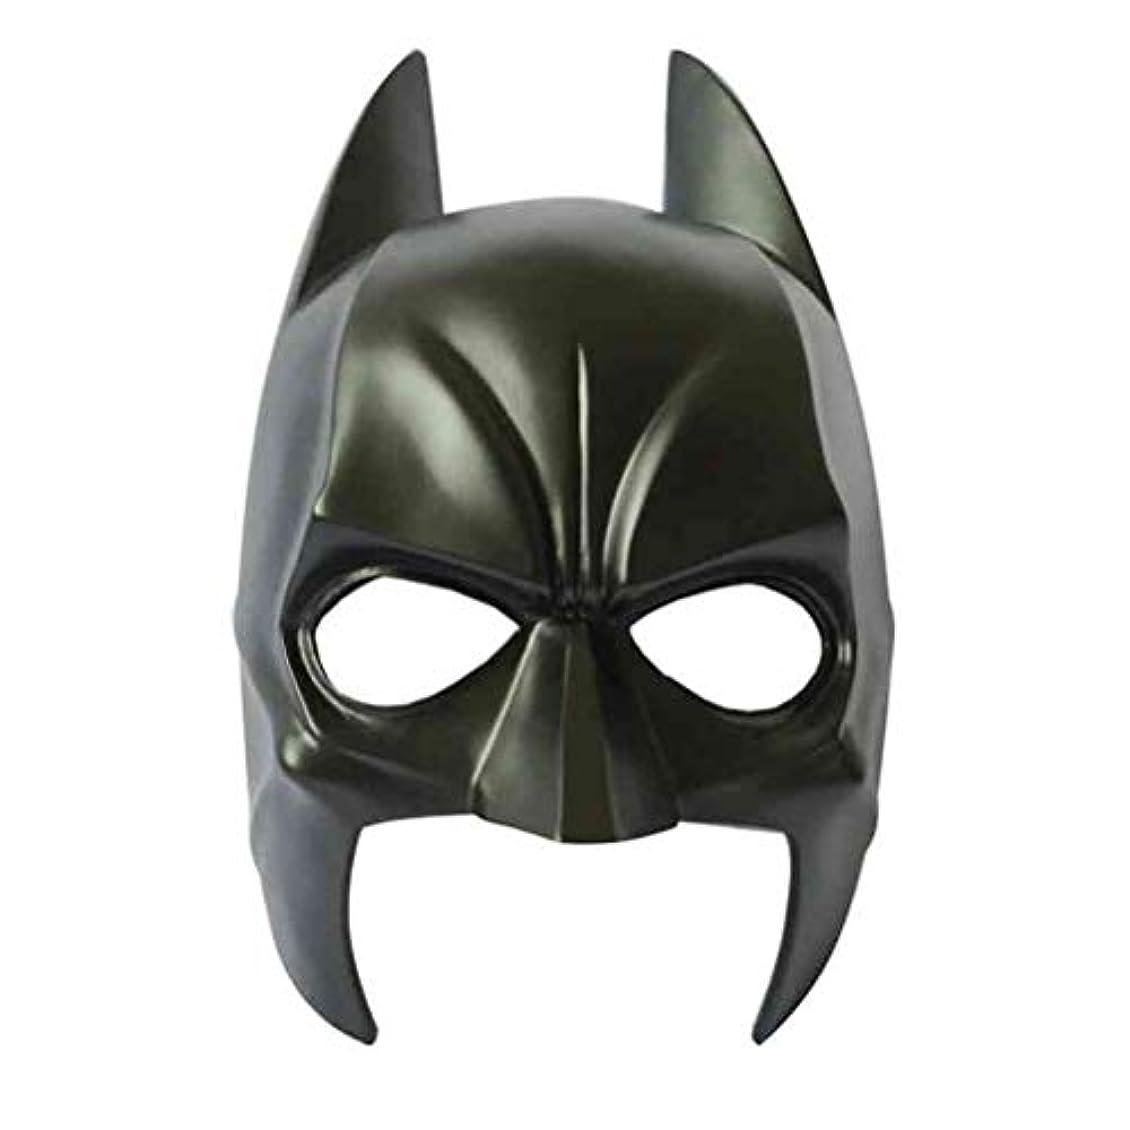 タイプ雲誰でもハロウィンホラーバットマンマスクプロムヒーローヘルメットアニメマスク